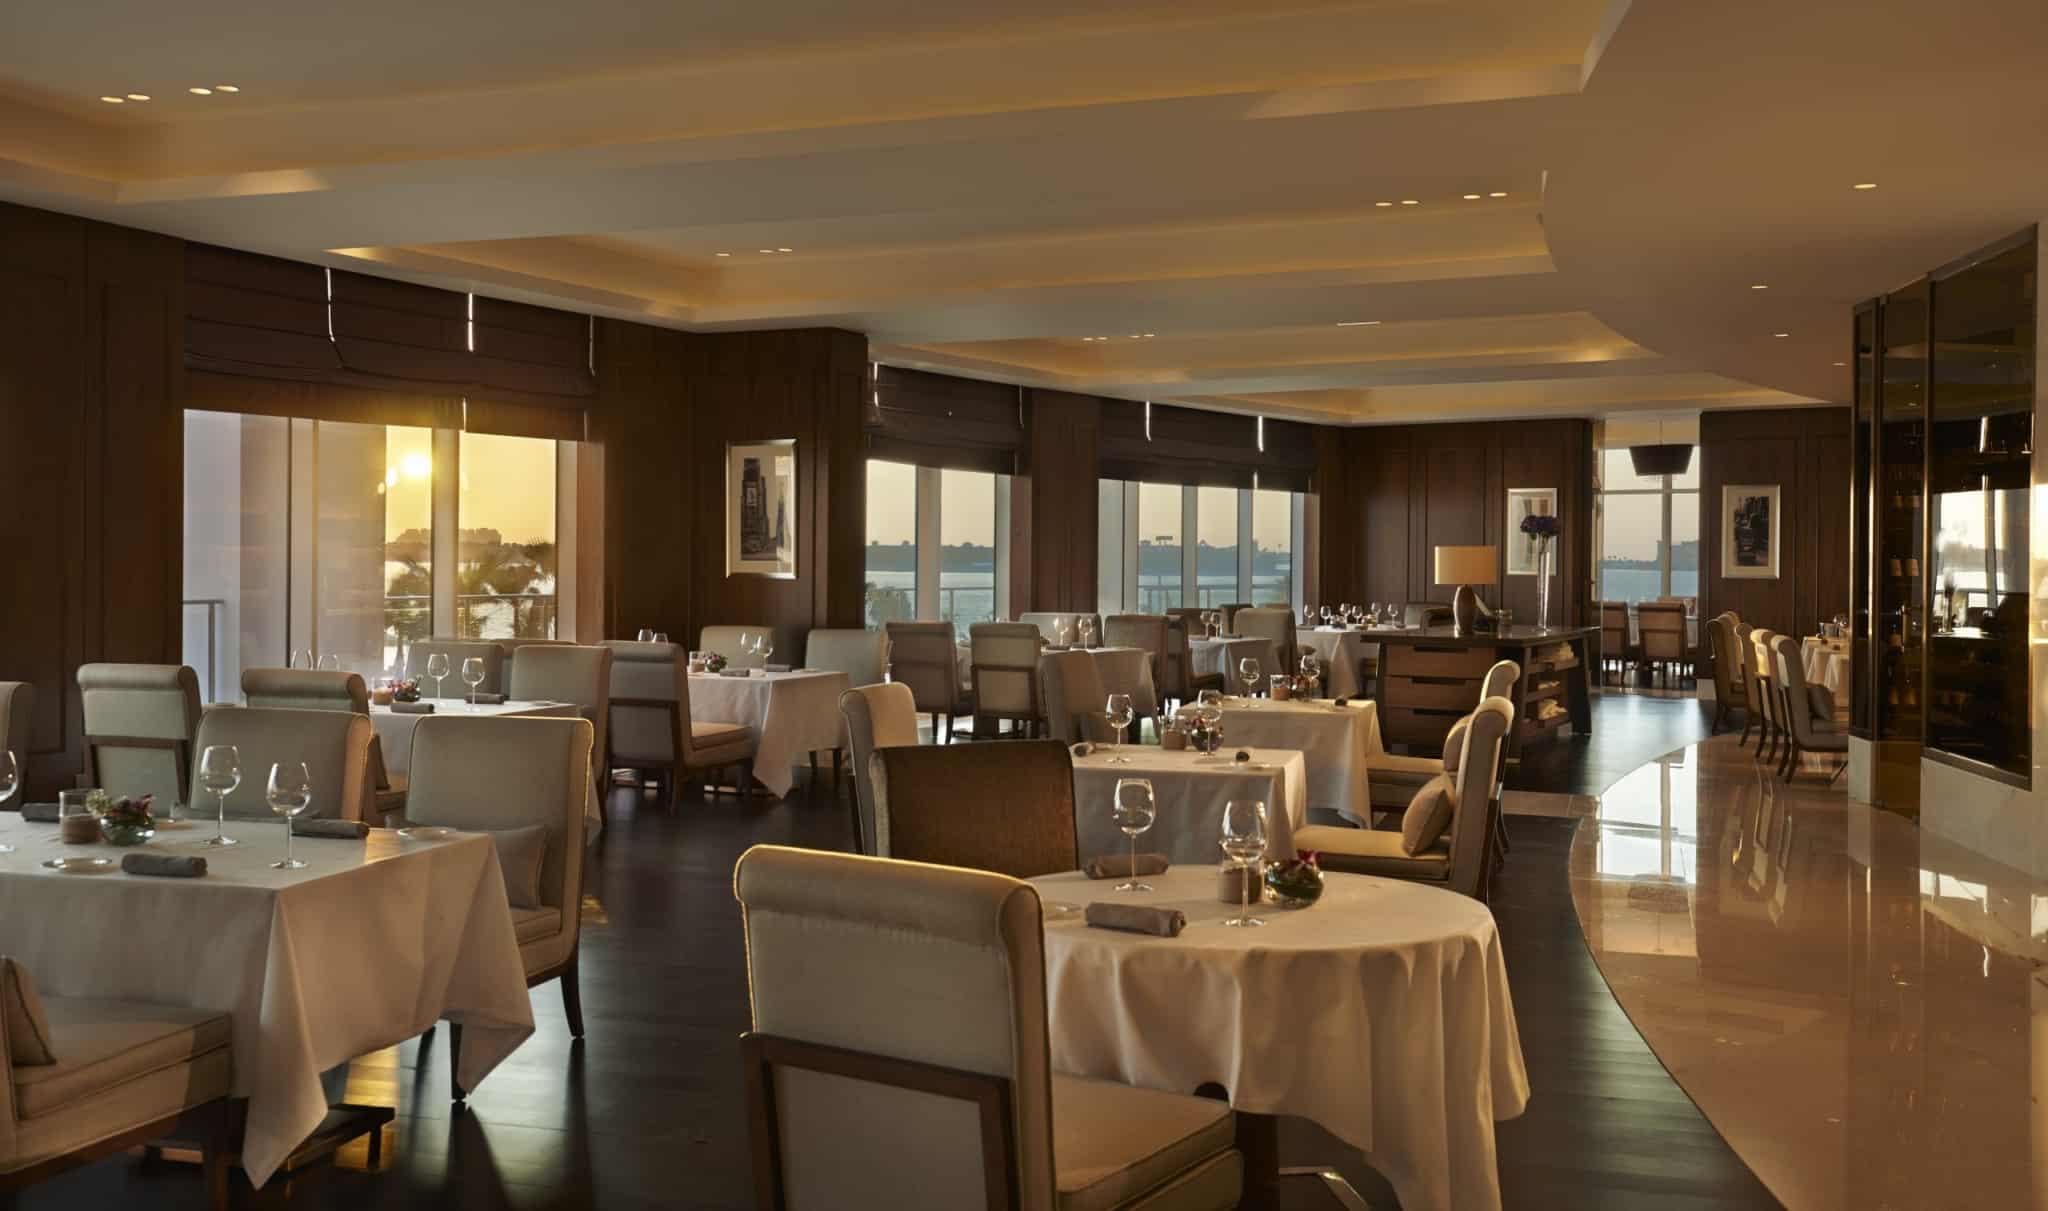 В одному з ресторанів курорту свою кухню вам пропонує Хайнц Бек, шеф кухар світового рівня визнаний зіркою Мішлена.